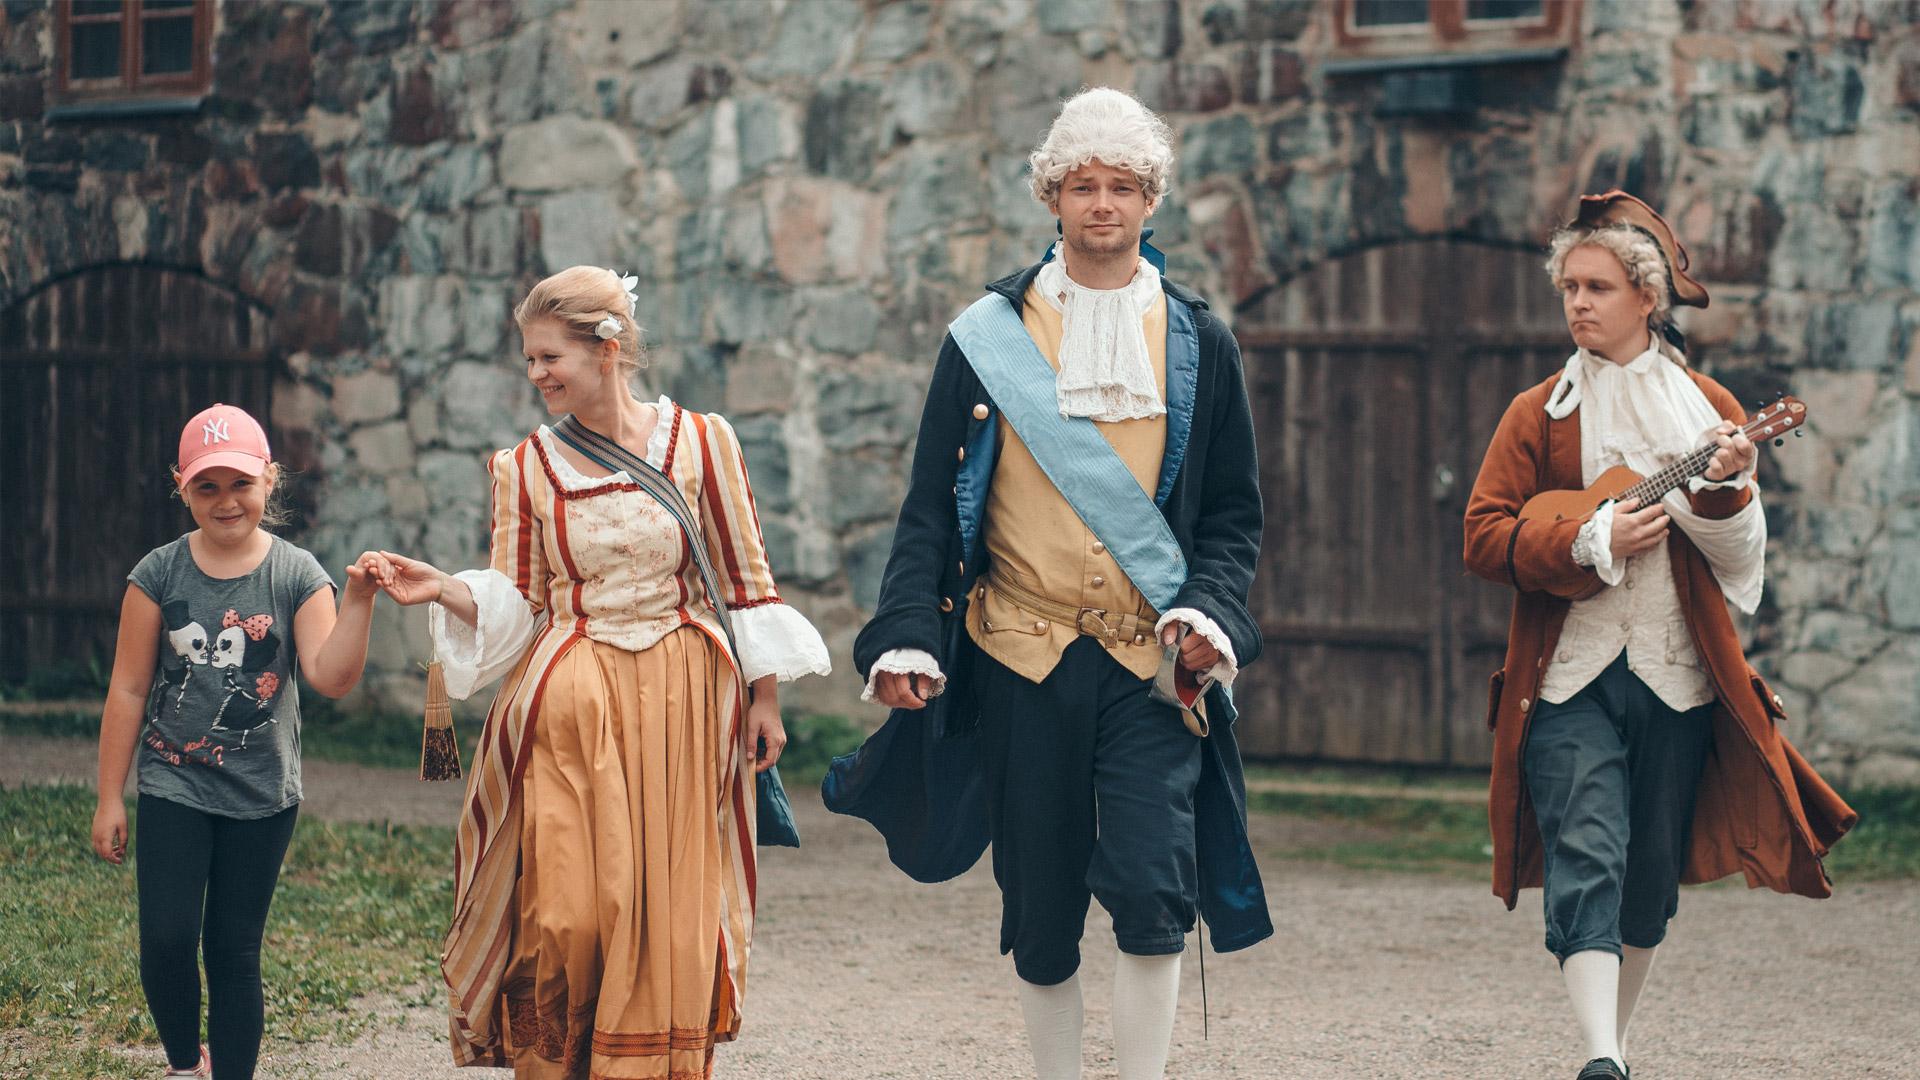 Suomenlinnan oppaiden auktorisointii